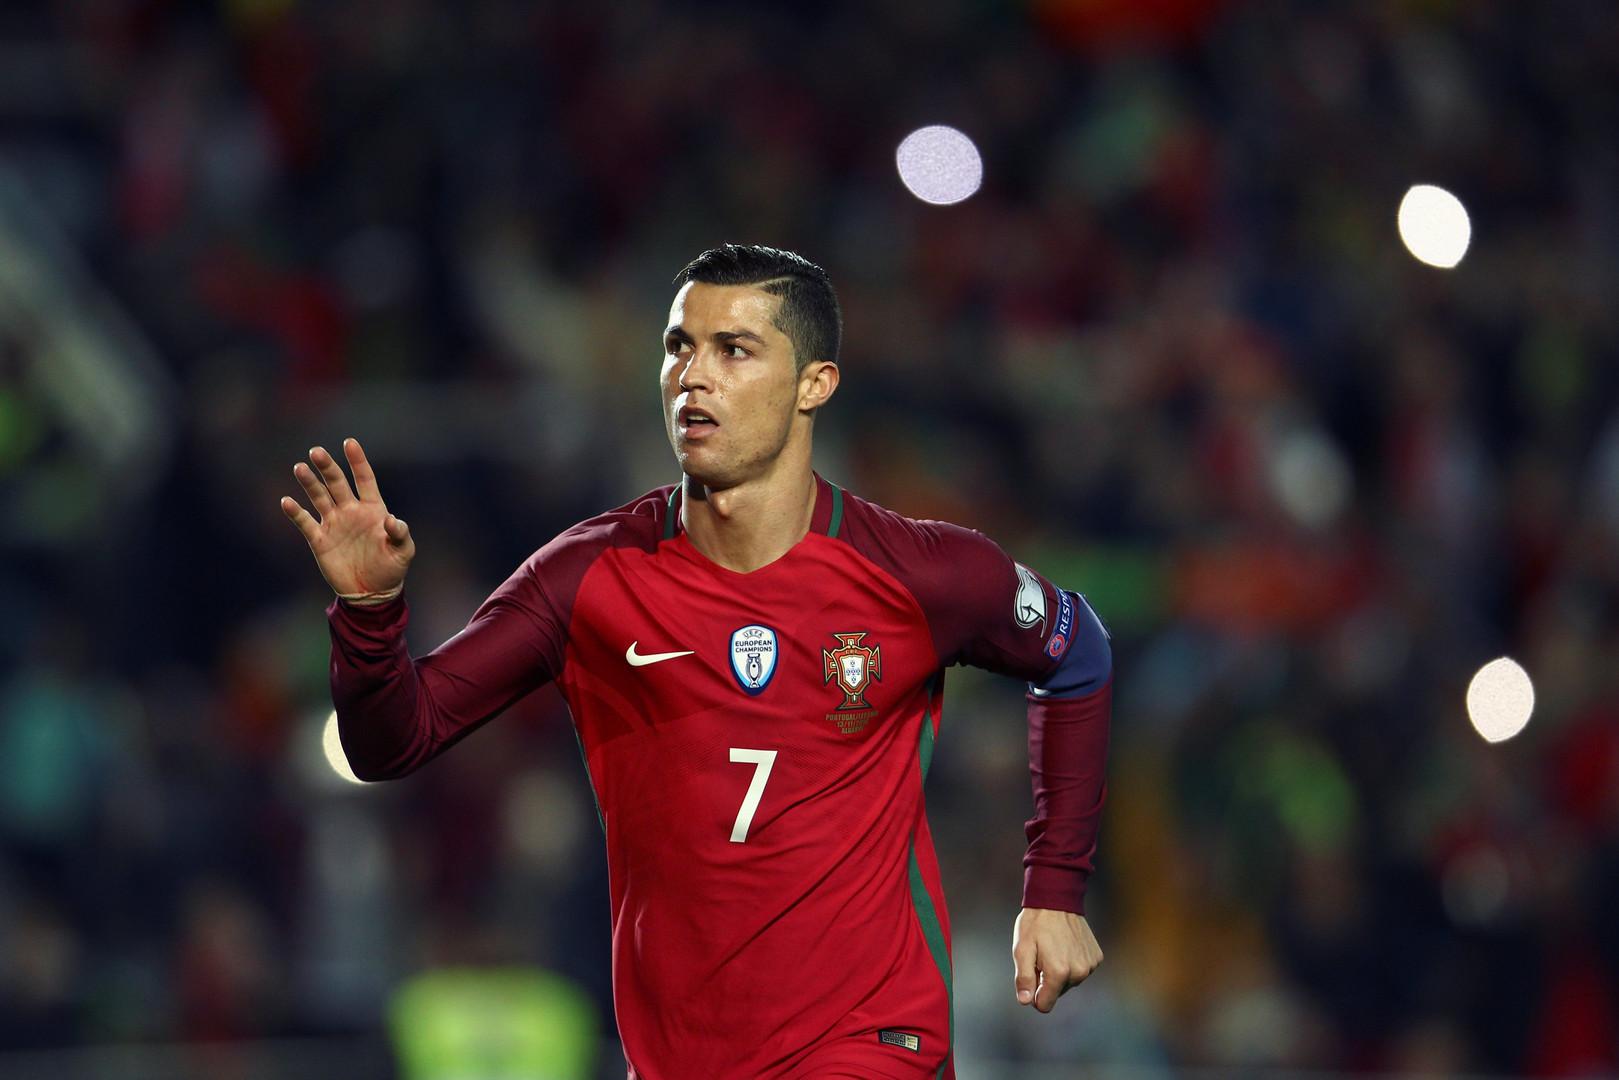 ЧМ-2018: Роналду забивает, Джеко раздевает